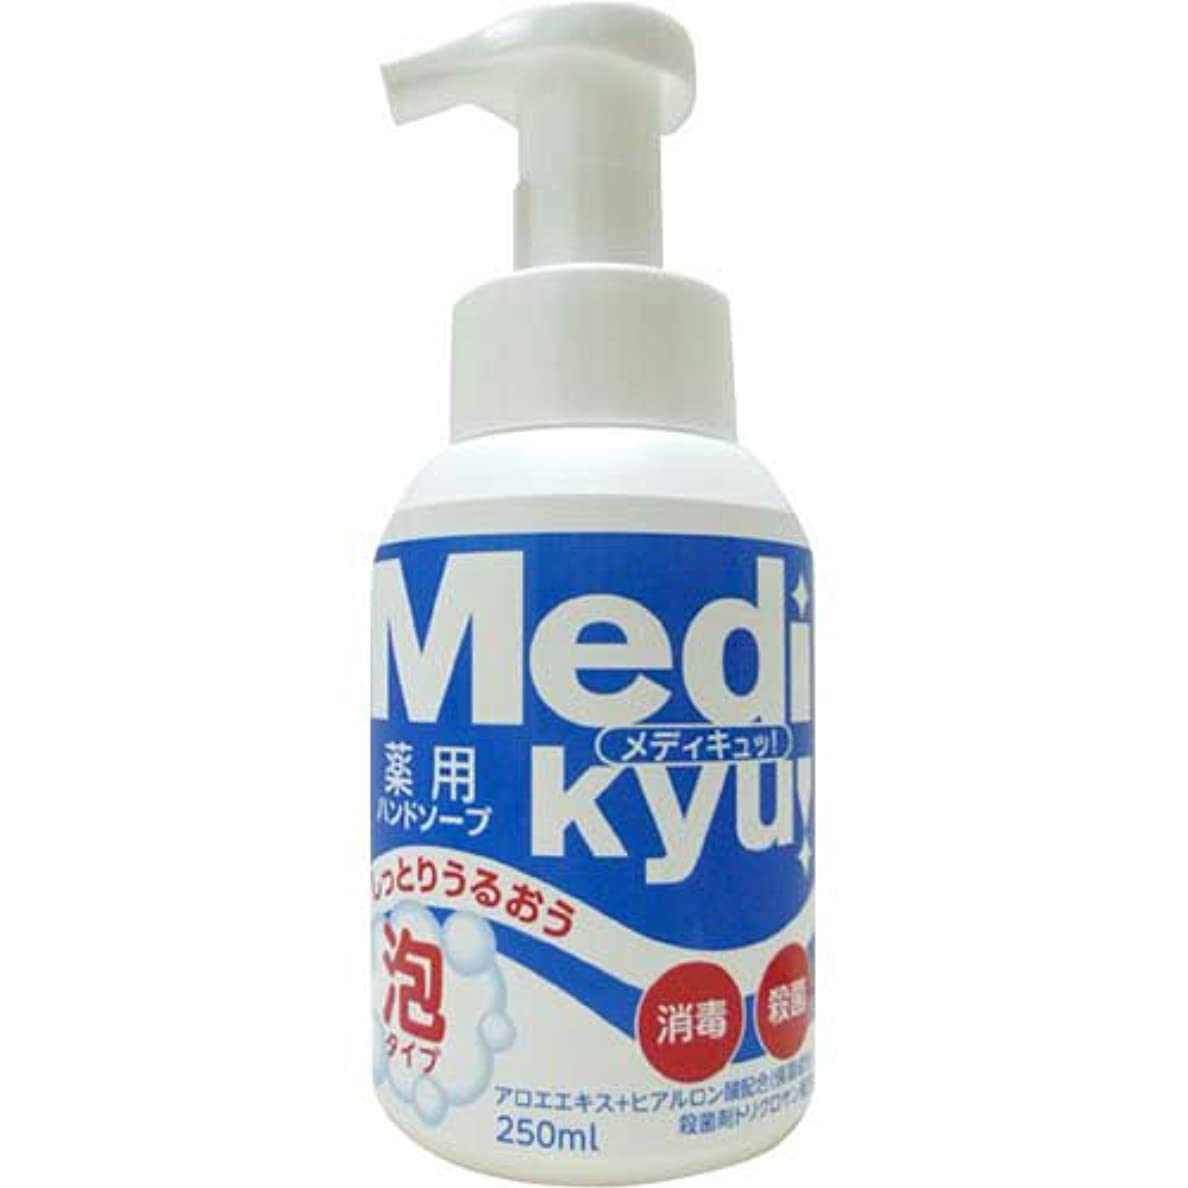 分離するブース熱心なメディキュッ 泡ハンドソープ 250ML [医薬部外品]